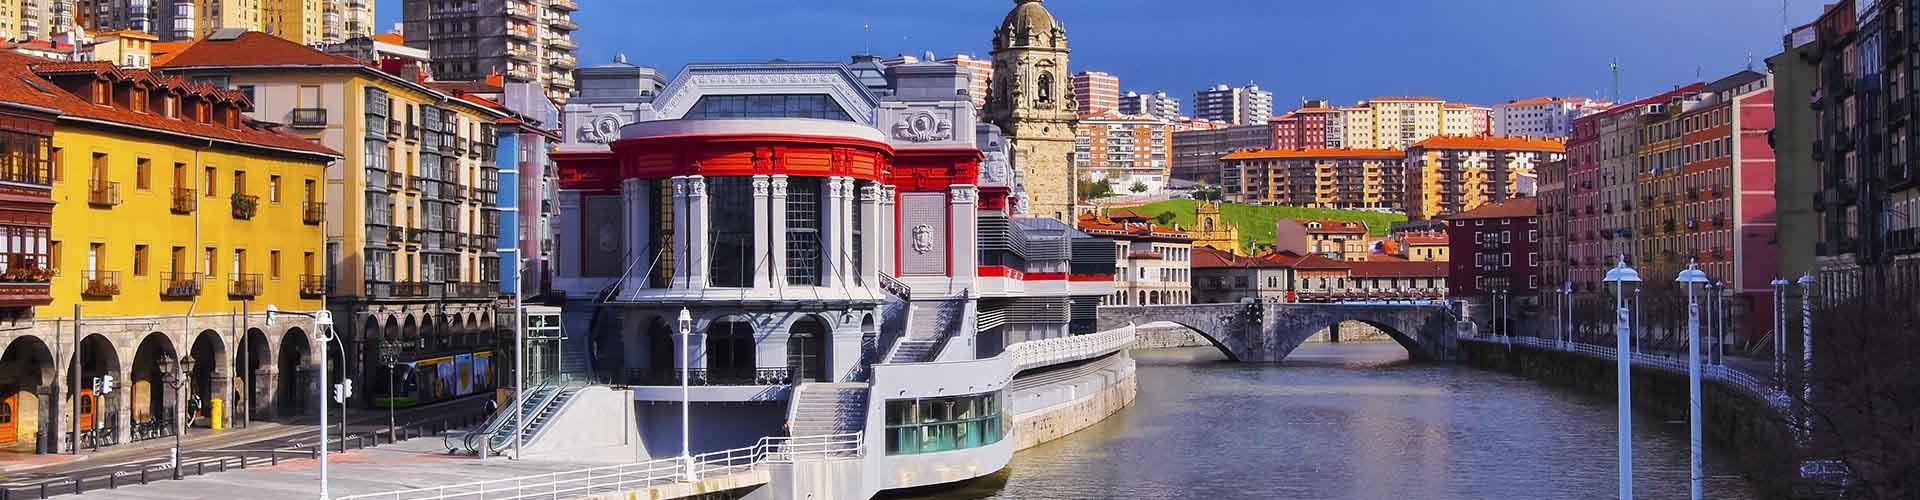 Bilbao - Campamentos en el distrito Abando. Mapas de Bilbao, Fotos y comentarios de cada Campamento en Bilbao.